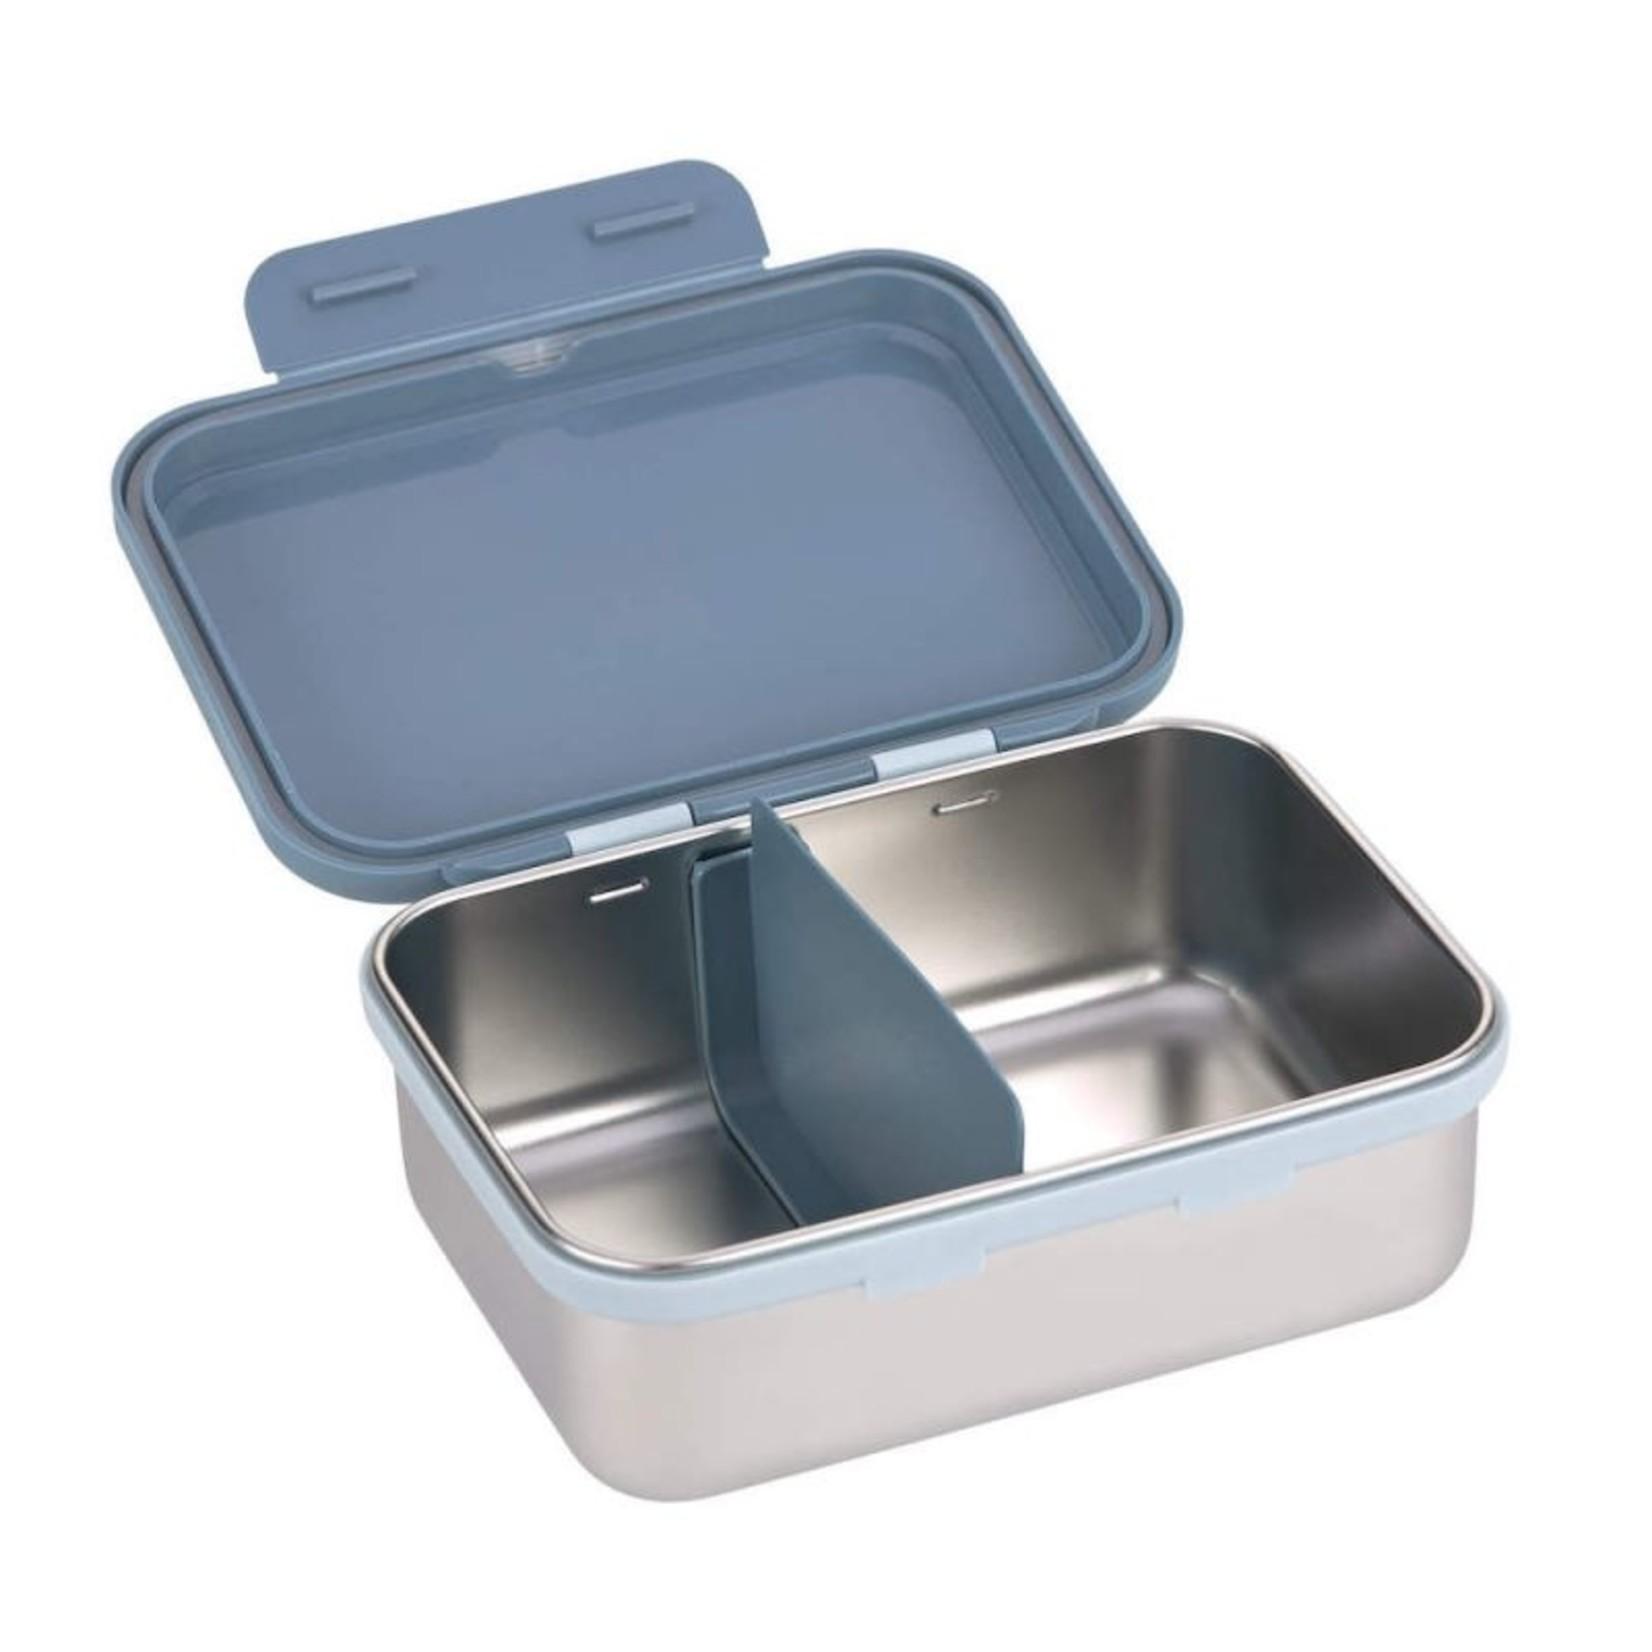 Lässig Lässig Handige Lunchbox in RVS Tractor